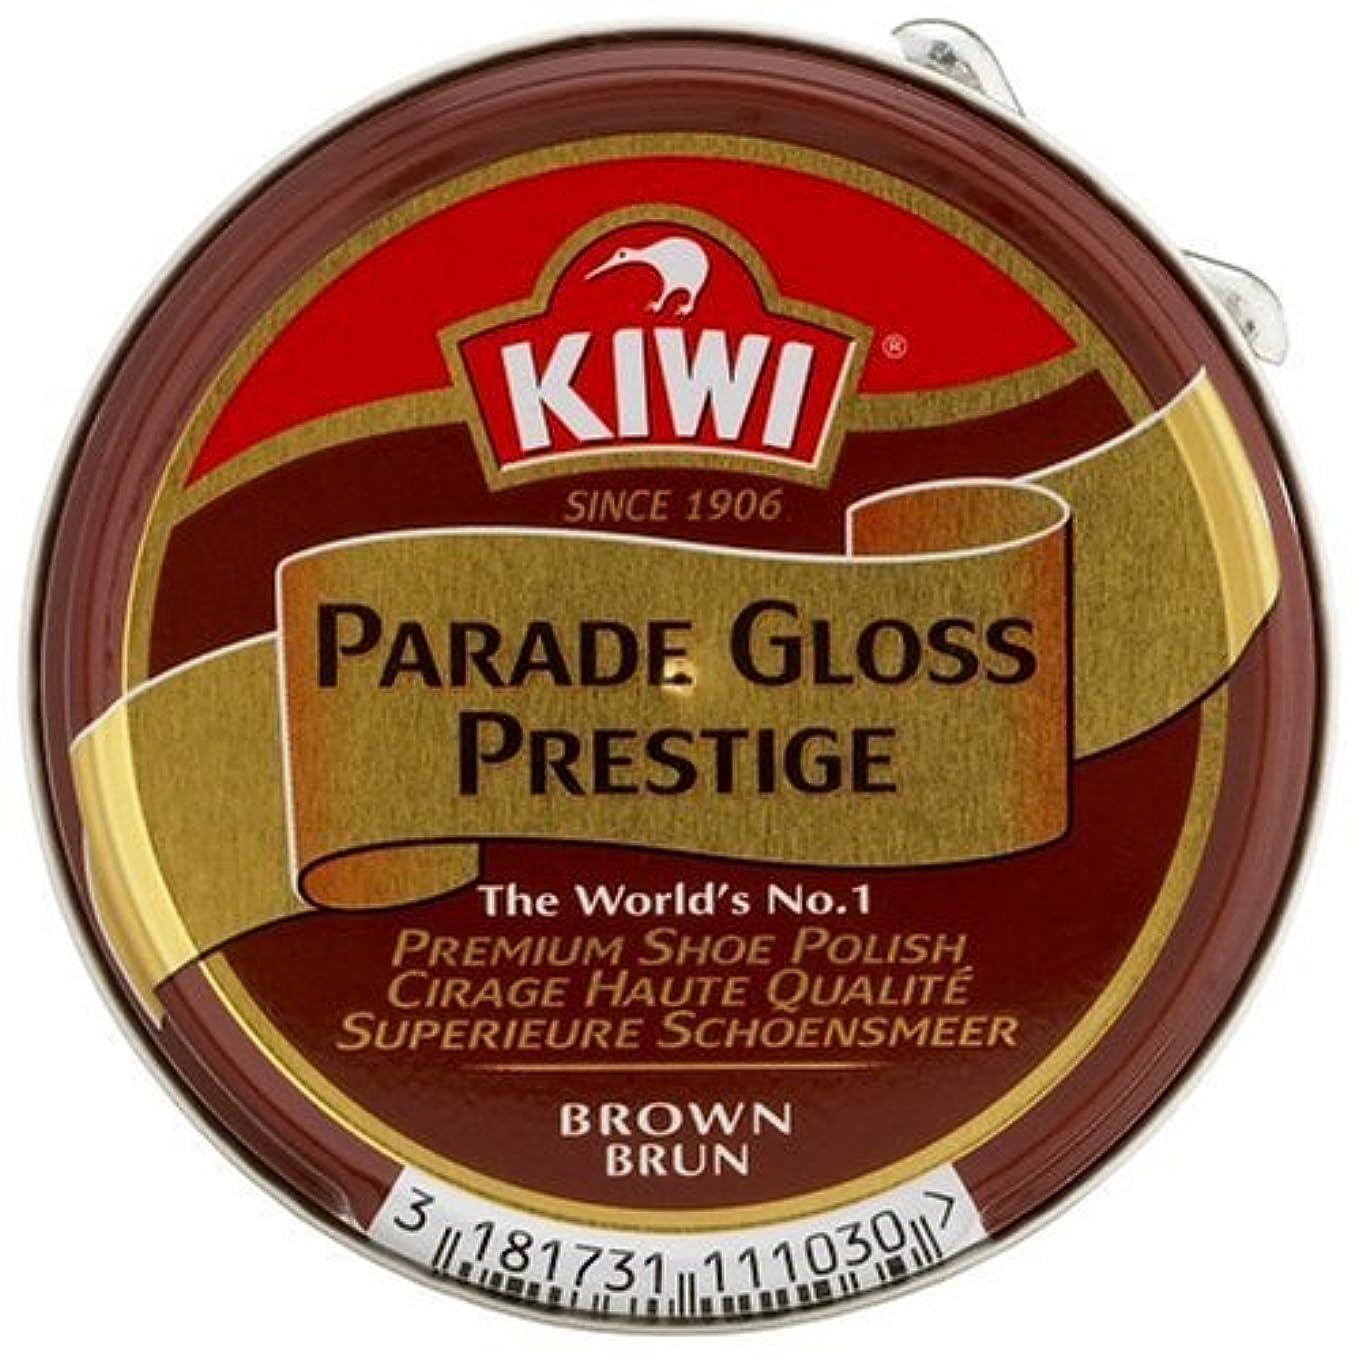 つま先分析的な息を切らして[Kiwi] パレードグロス【PRESTIGE】 プレステージ ブランド 東アジア正規品